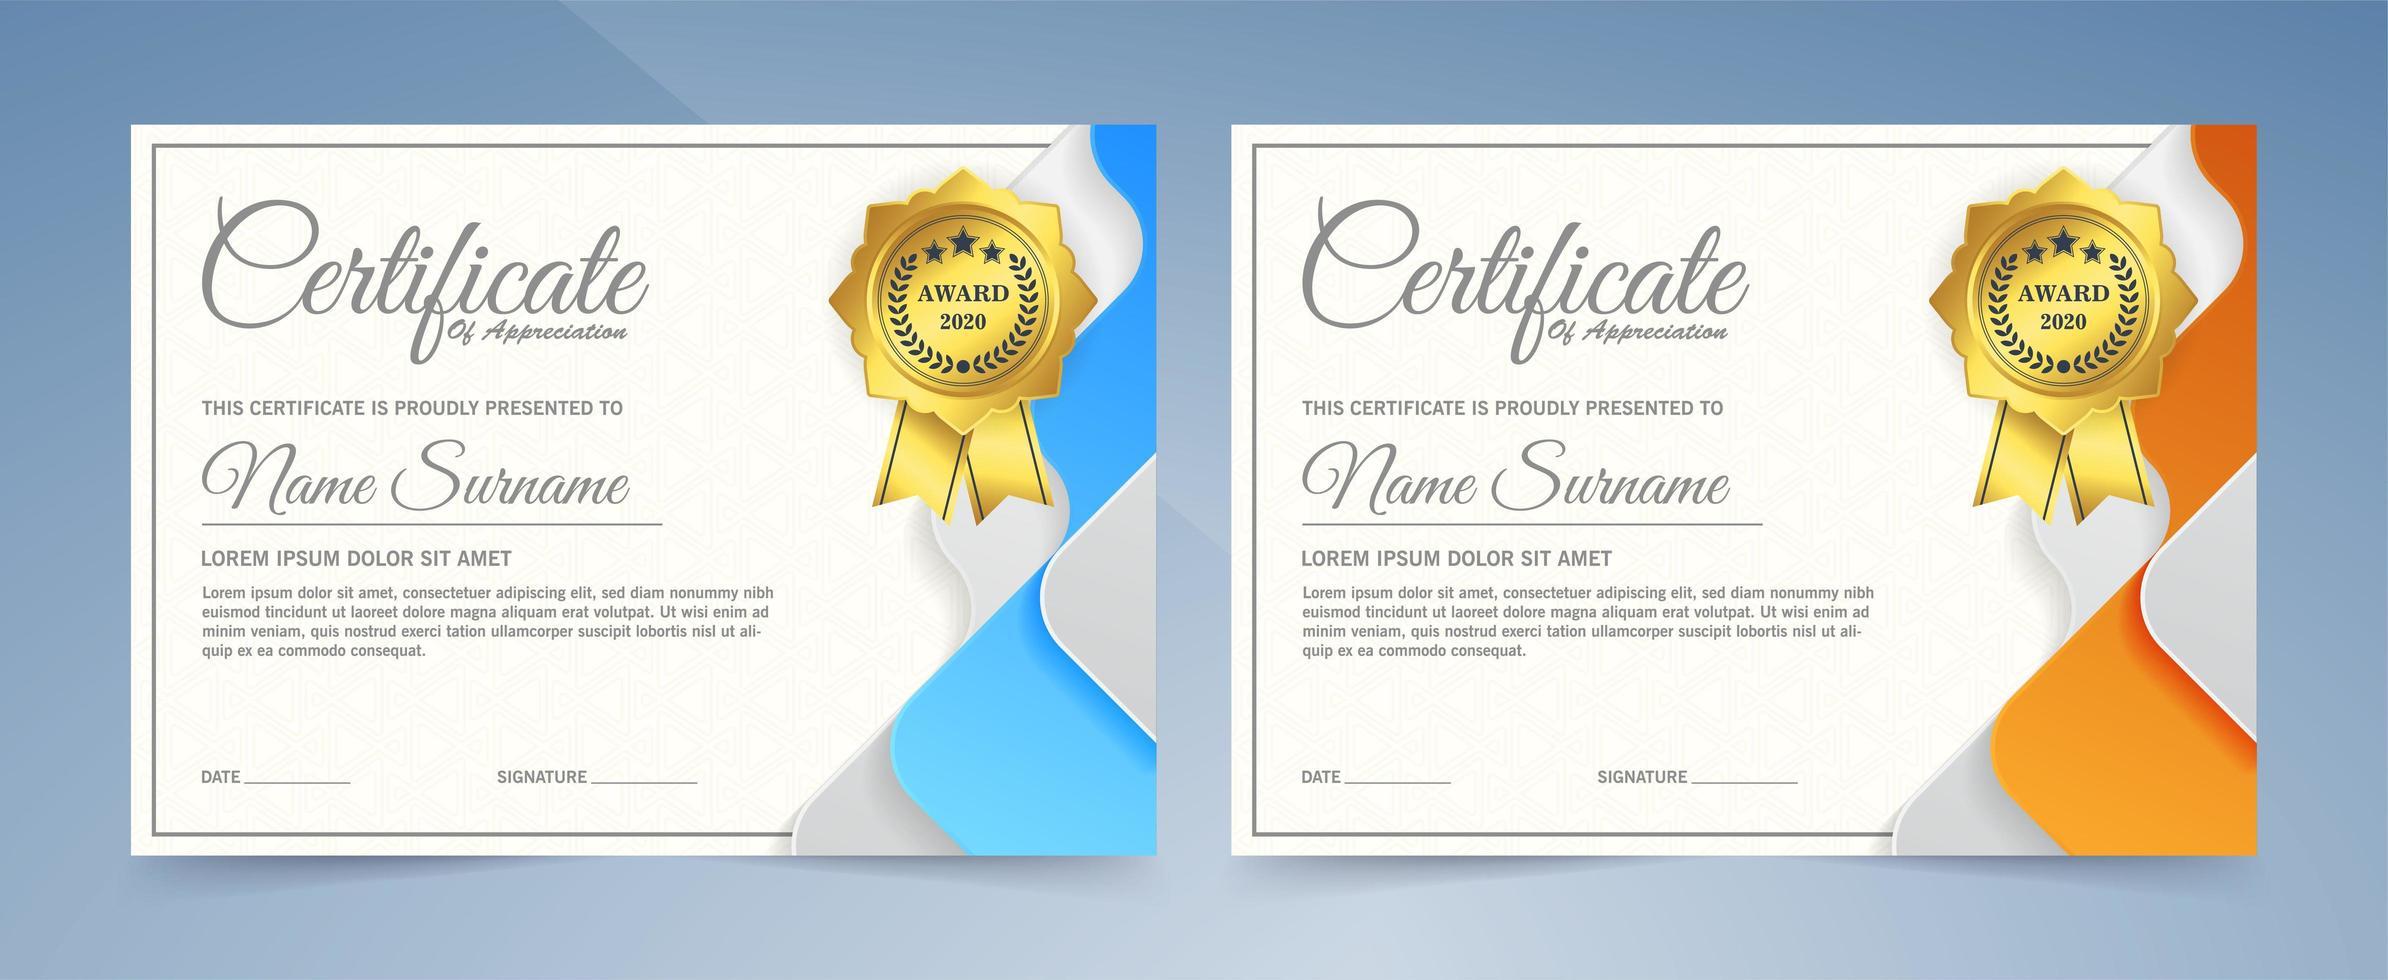 certificados en colores azul y naranja vector